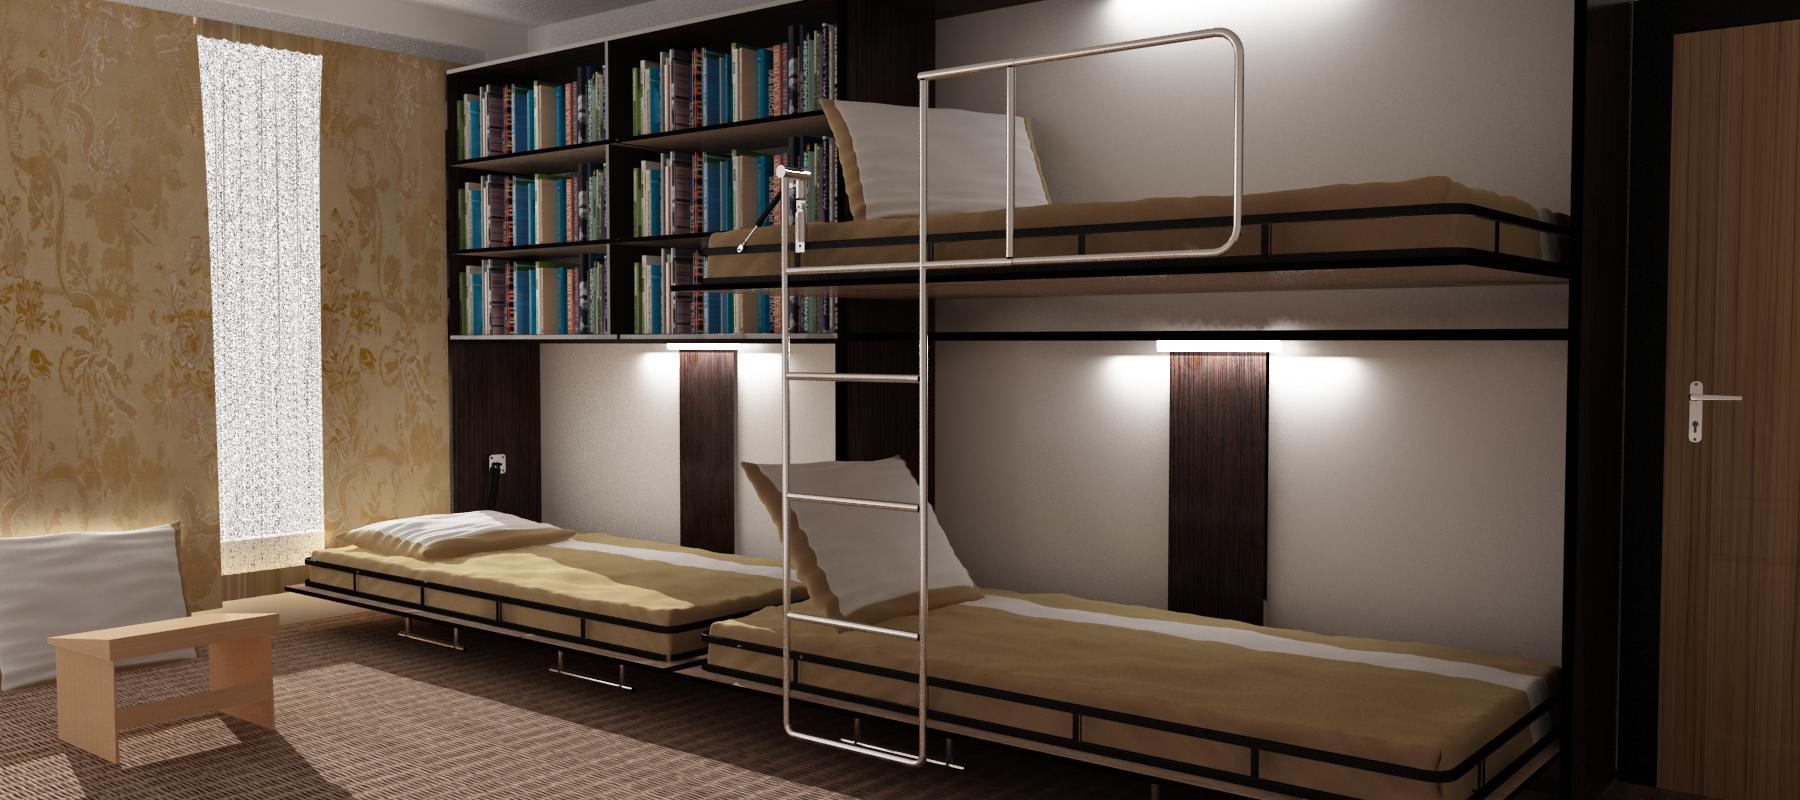 تختخواب دوطبقه تاشو|تخت دوطبقه دیواری|09126183871